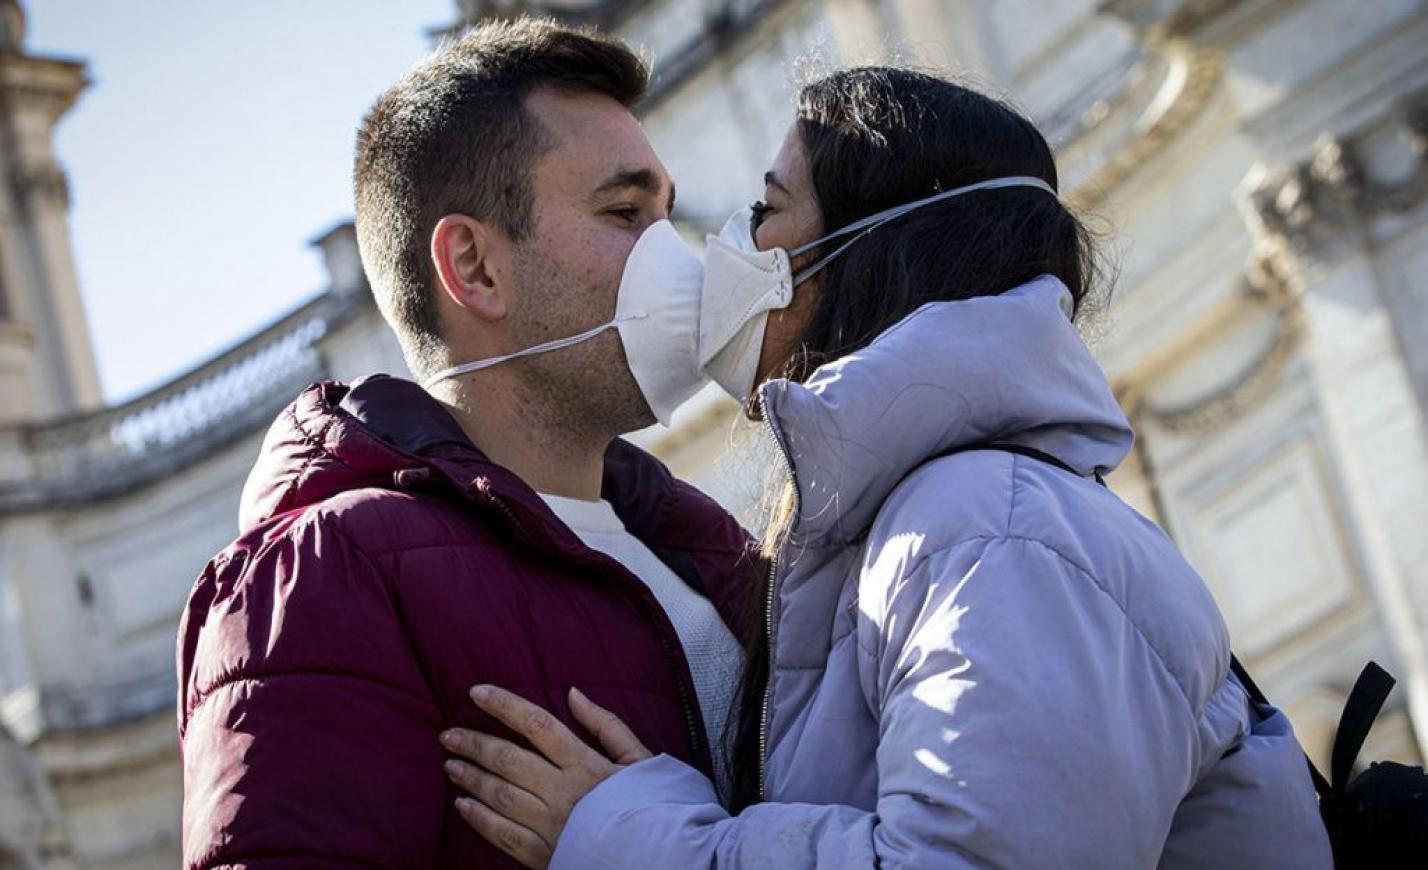 Koronavírus: Hogyan bírjuk ki összezárva a párkapcsolatban?